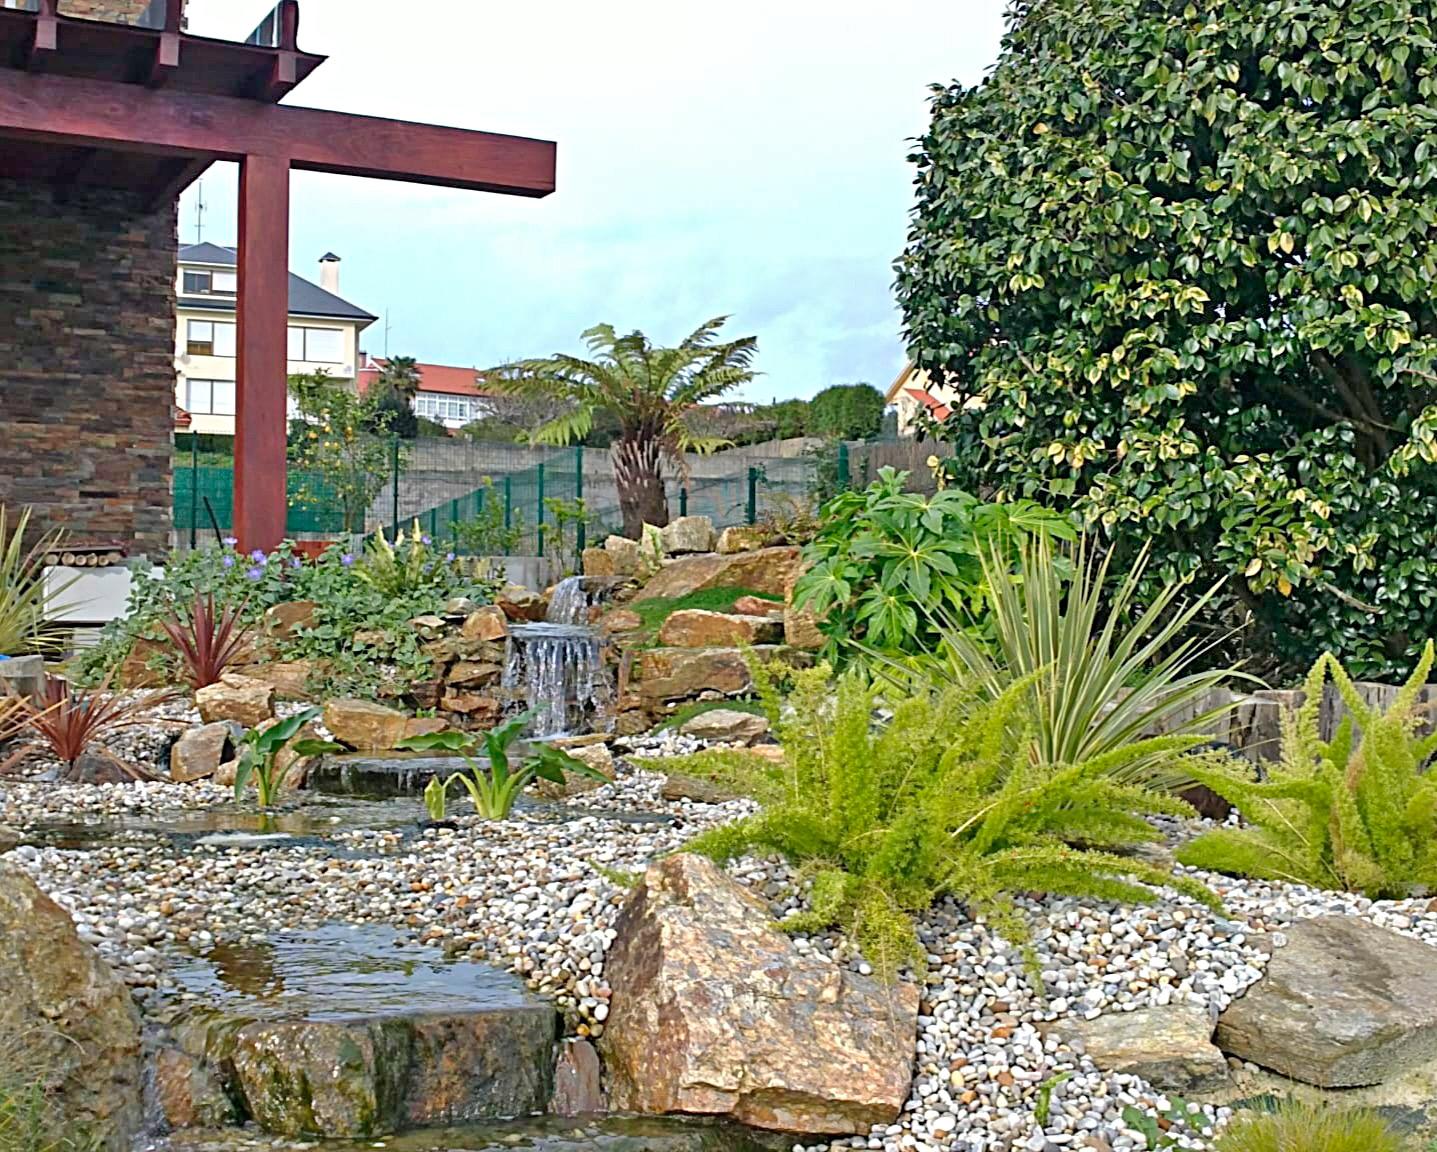 Jardines personalizados, rocallas, cascadas, puentes. Diseño y paisajismo en A Coruña